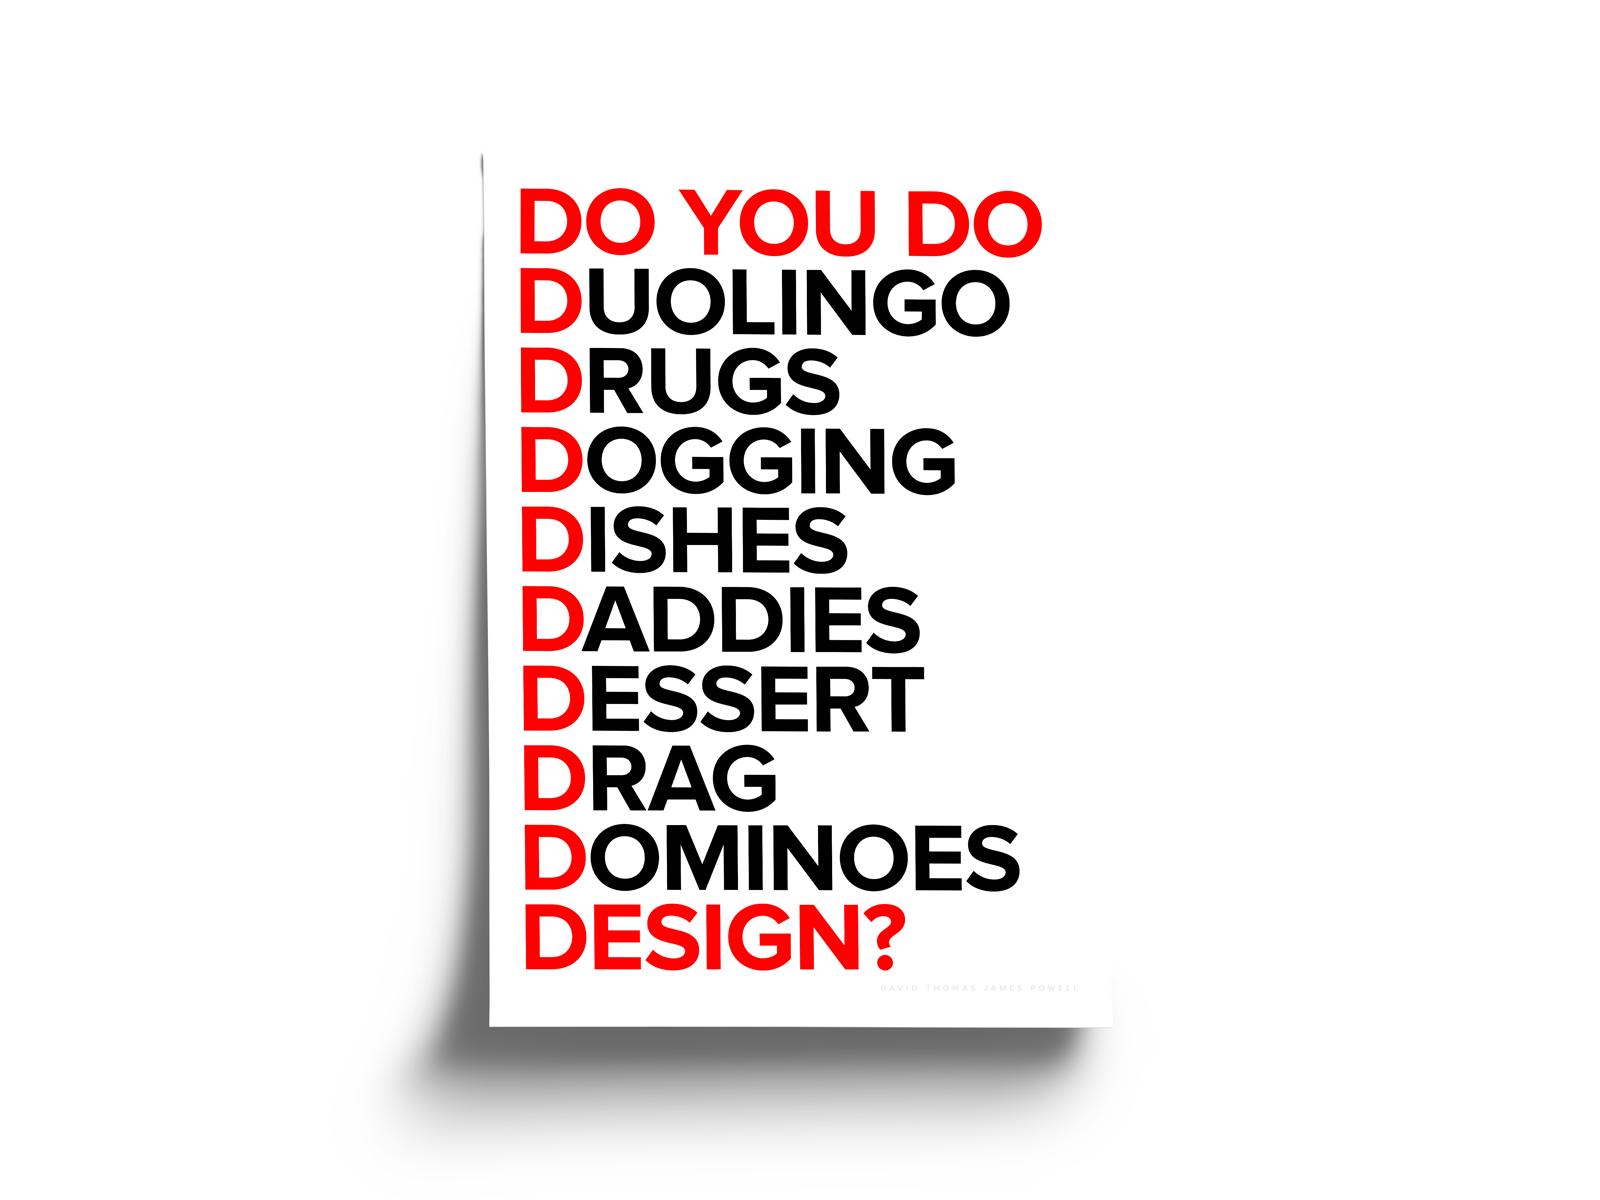 do-you-do-design_1600